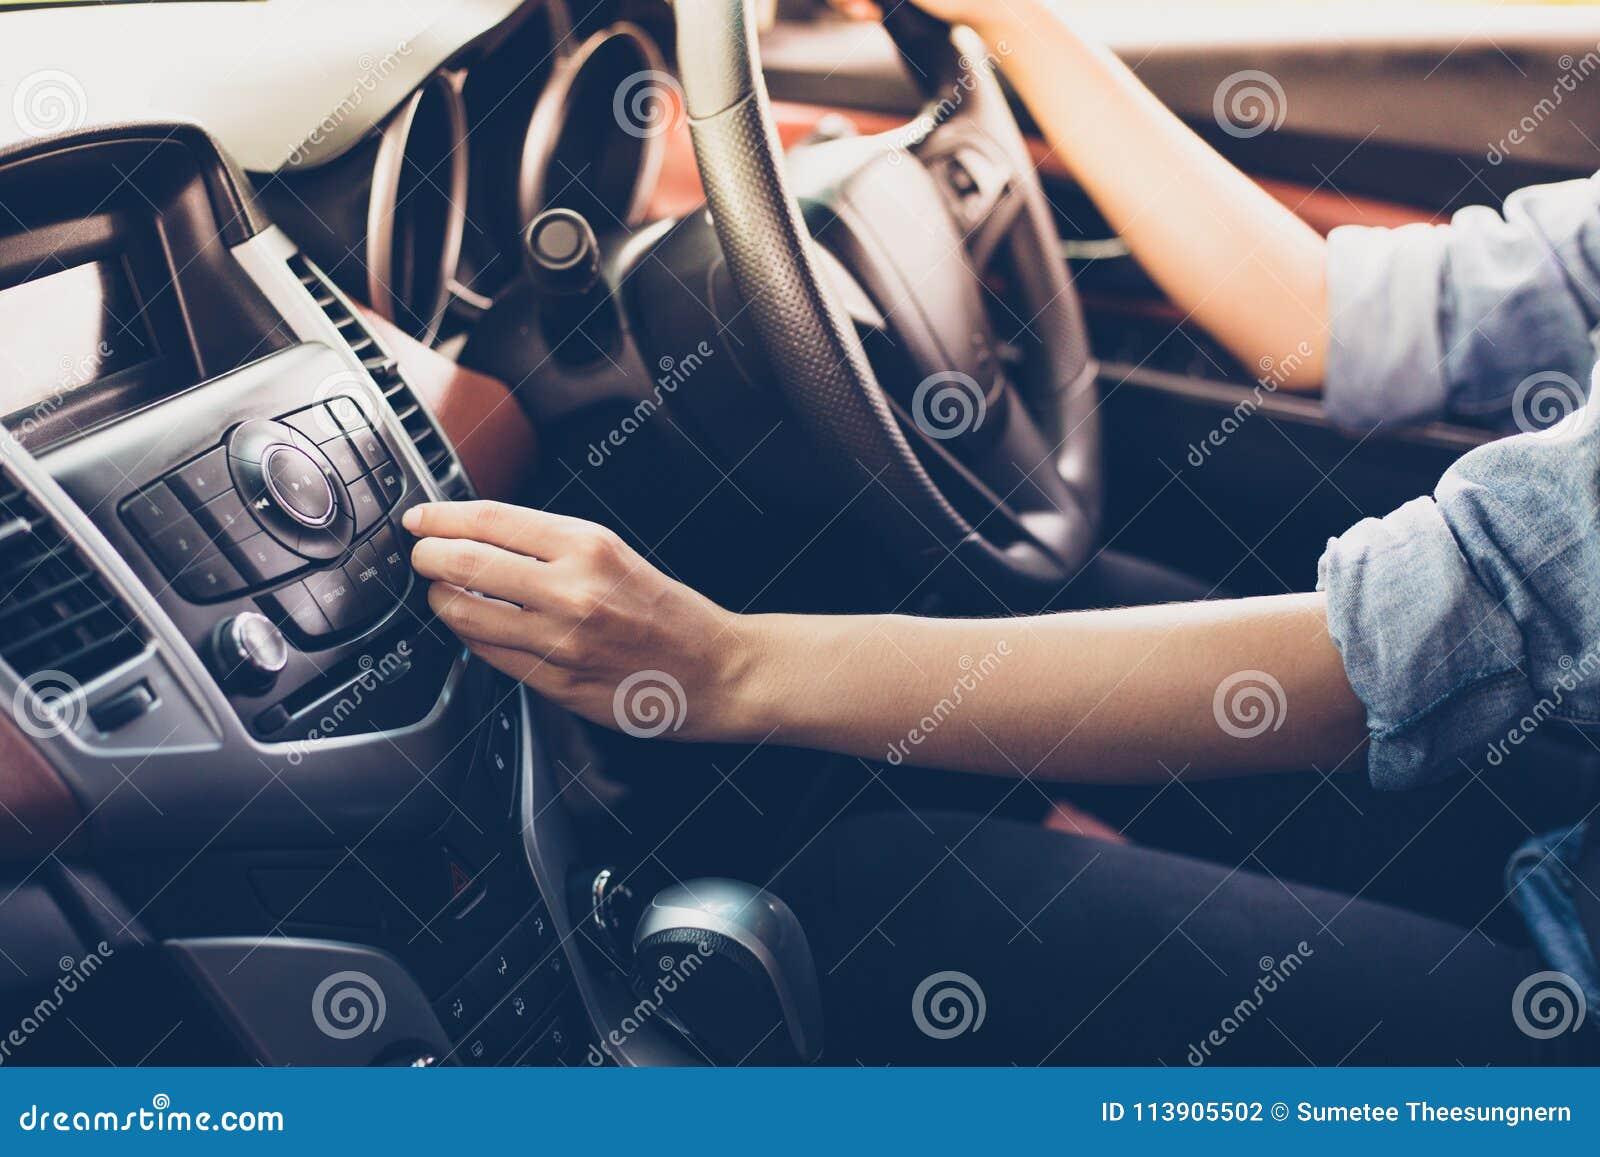 Asiatiska kvinnor trycker på knappen på bilradion för att lyssna till musik